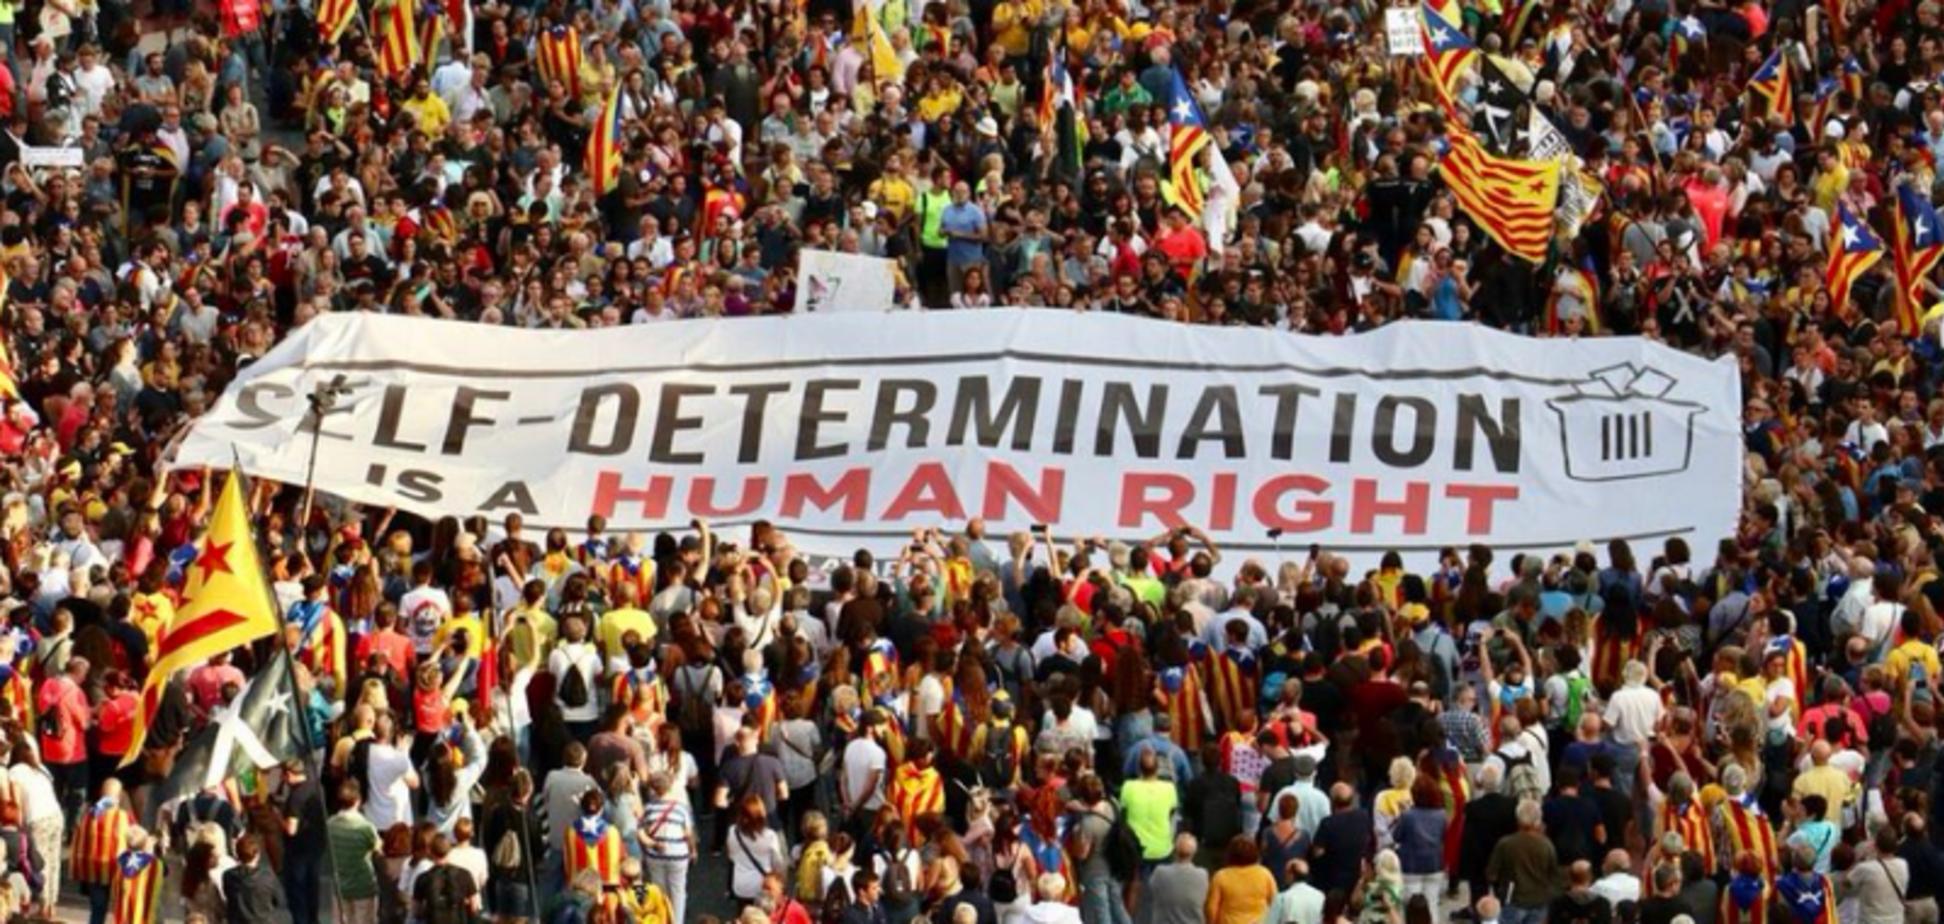 В Барселоне сепаратисты устроили массовые беспорядки: все подробности, фото и видео